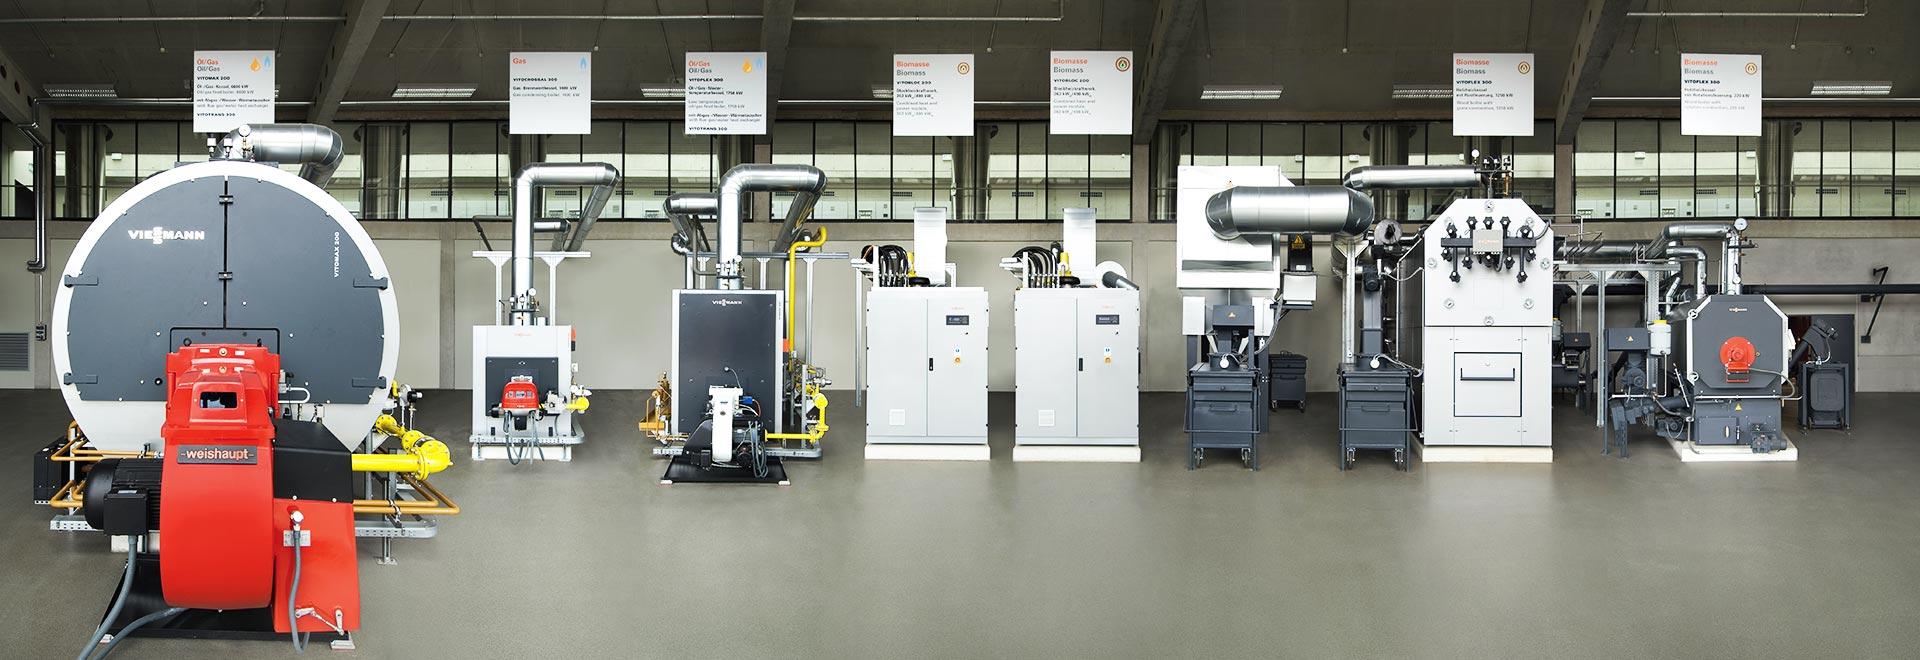 Walter Vögele GmbH in Freiburg: der Spezialist für moderne Heizungstechnik